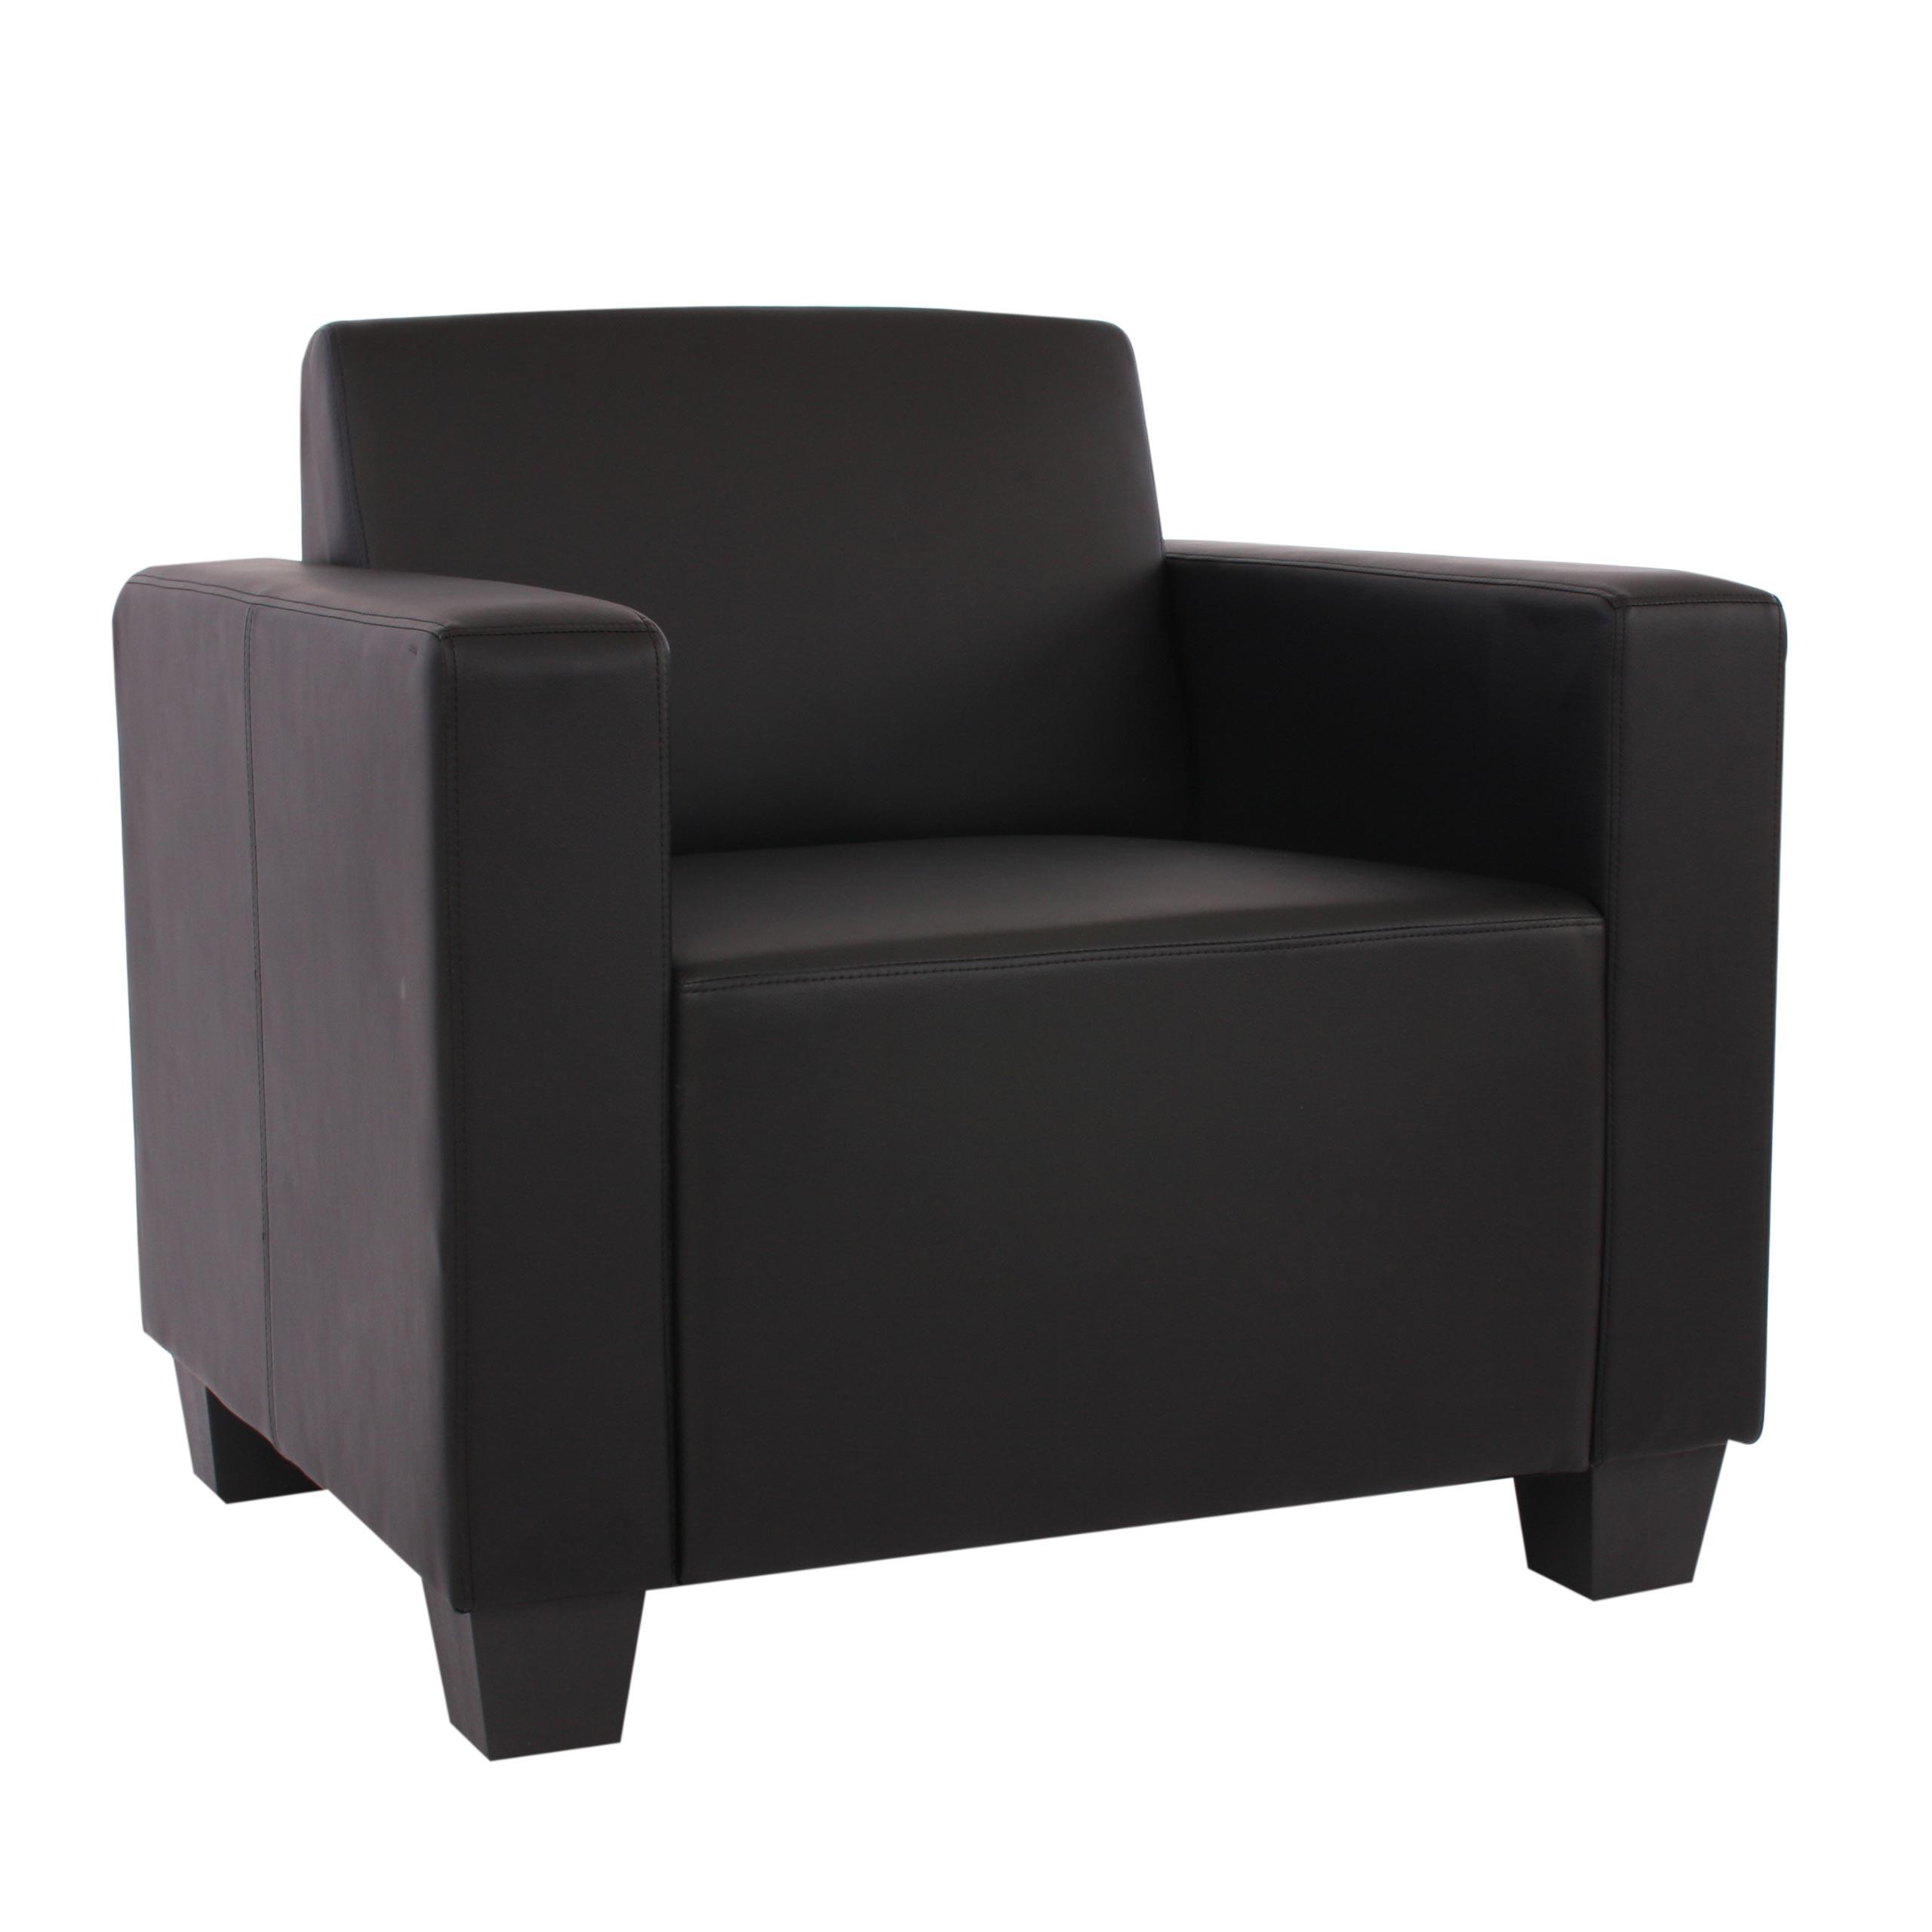 modular sofa lyon sessel kunstleder schwarz ebay. Black Bedroom Furniture Sets. Home Design Ideas